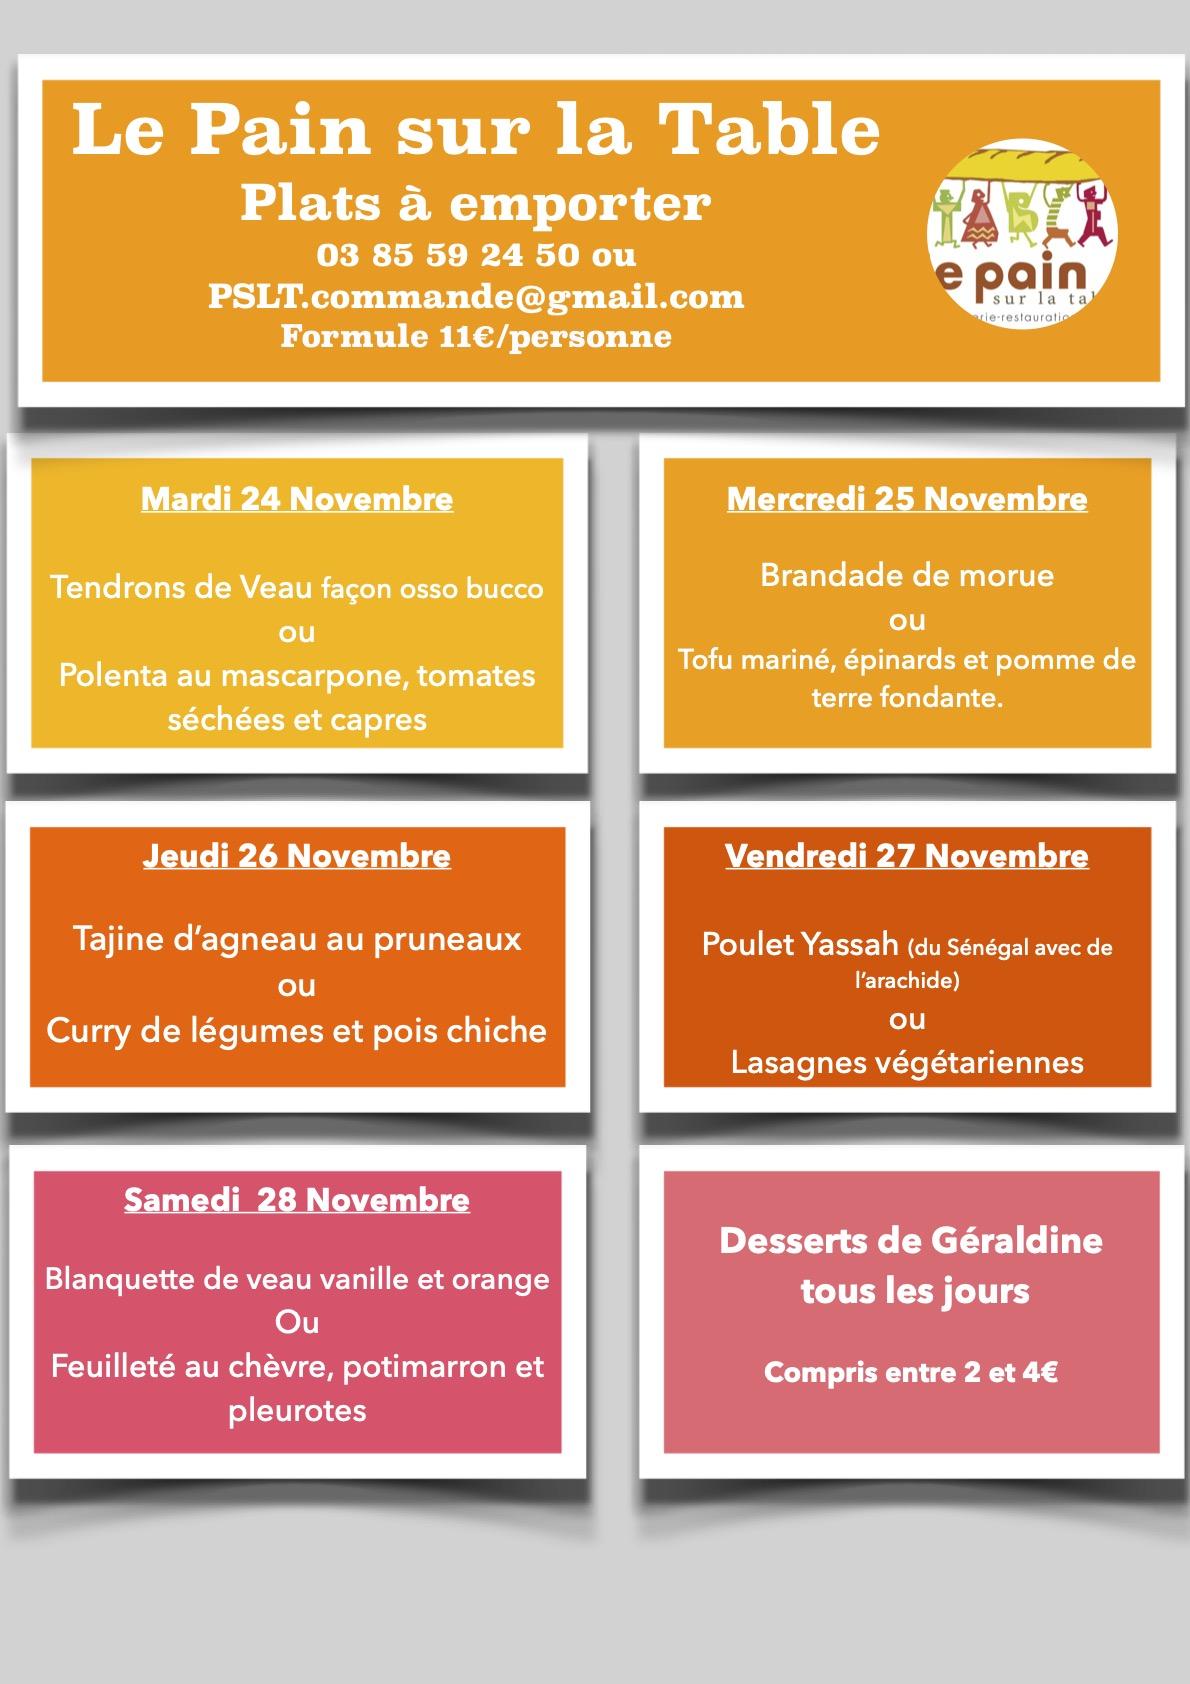 Les Menus de la semaine du 24 au 28 Novembre 2020